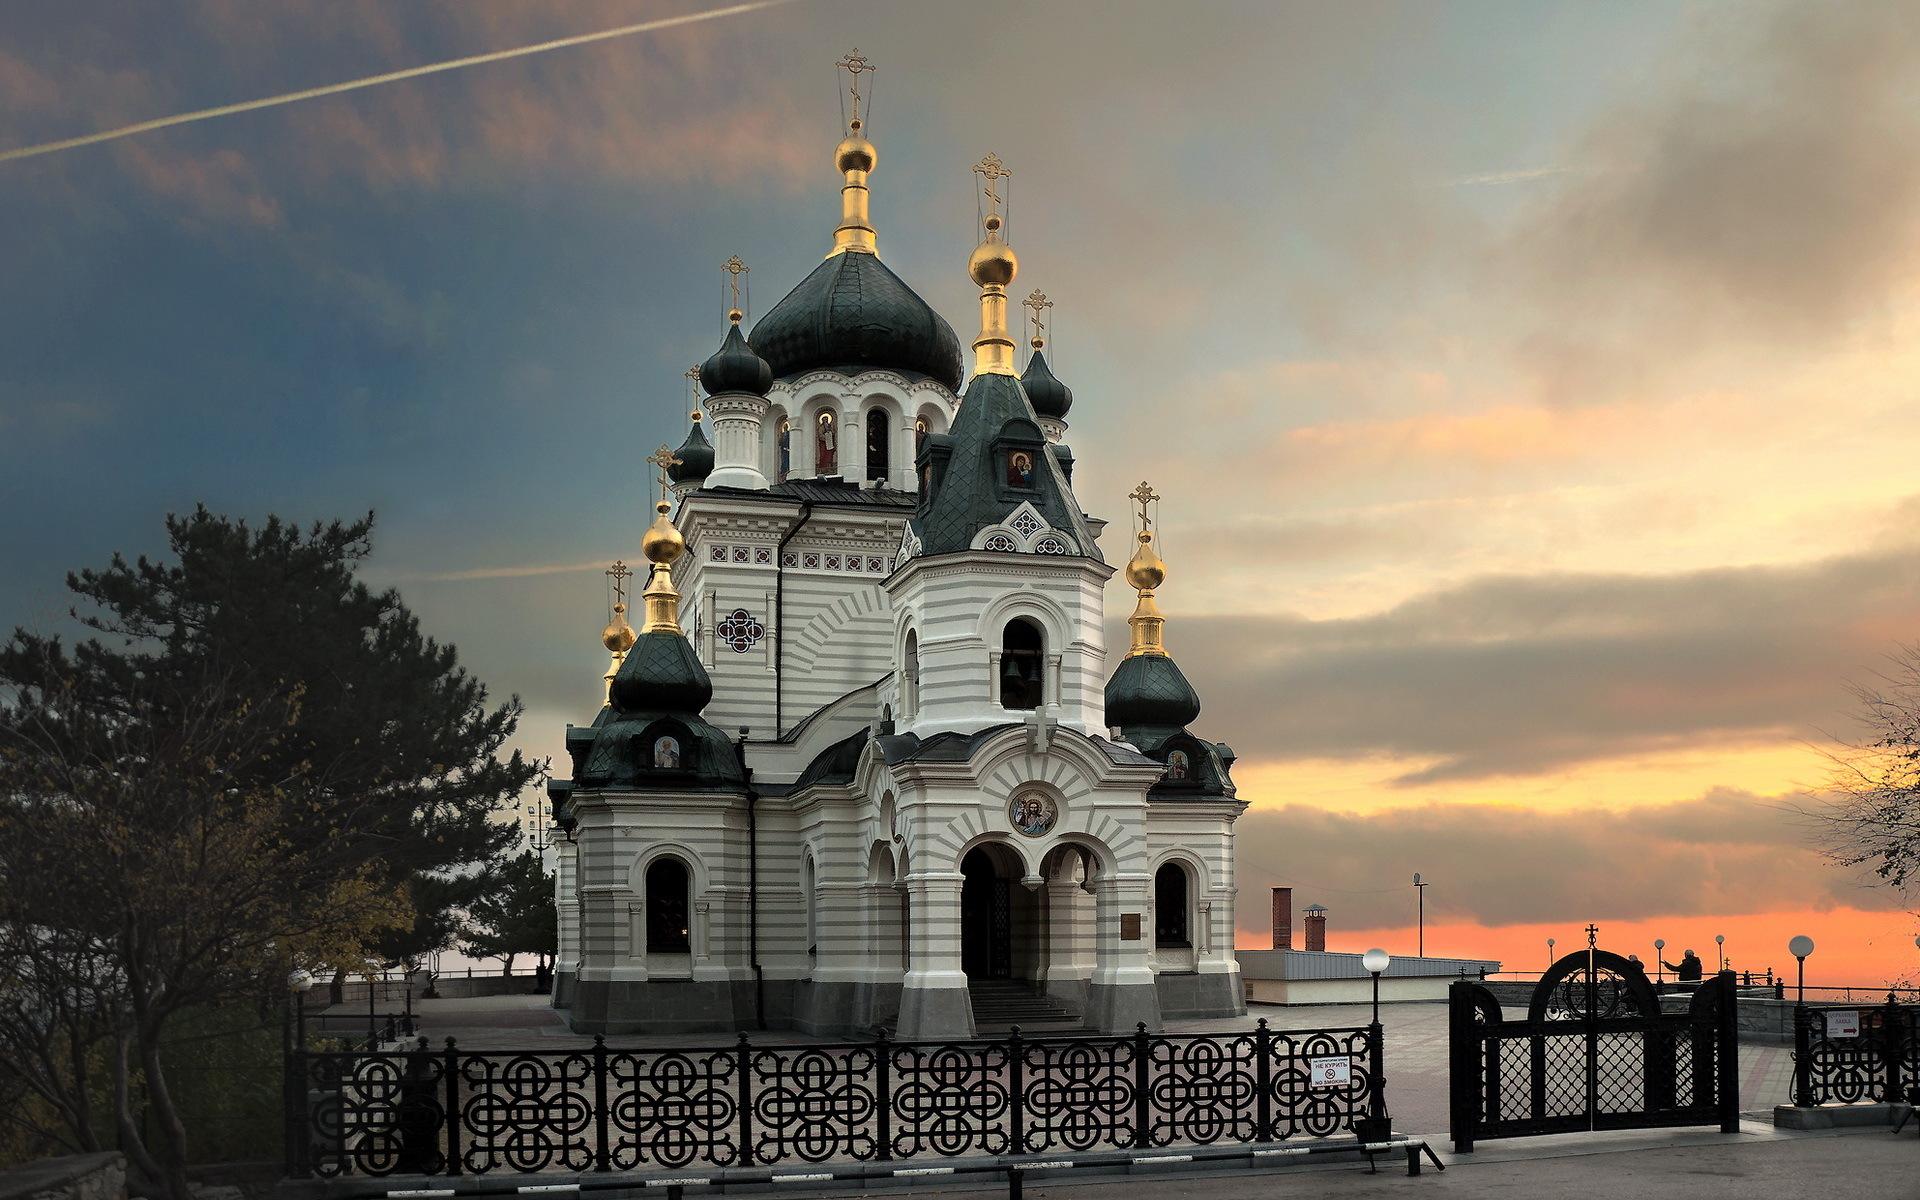 Обои Форосская церковь, Крым. Города foto 10